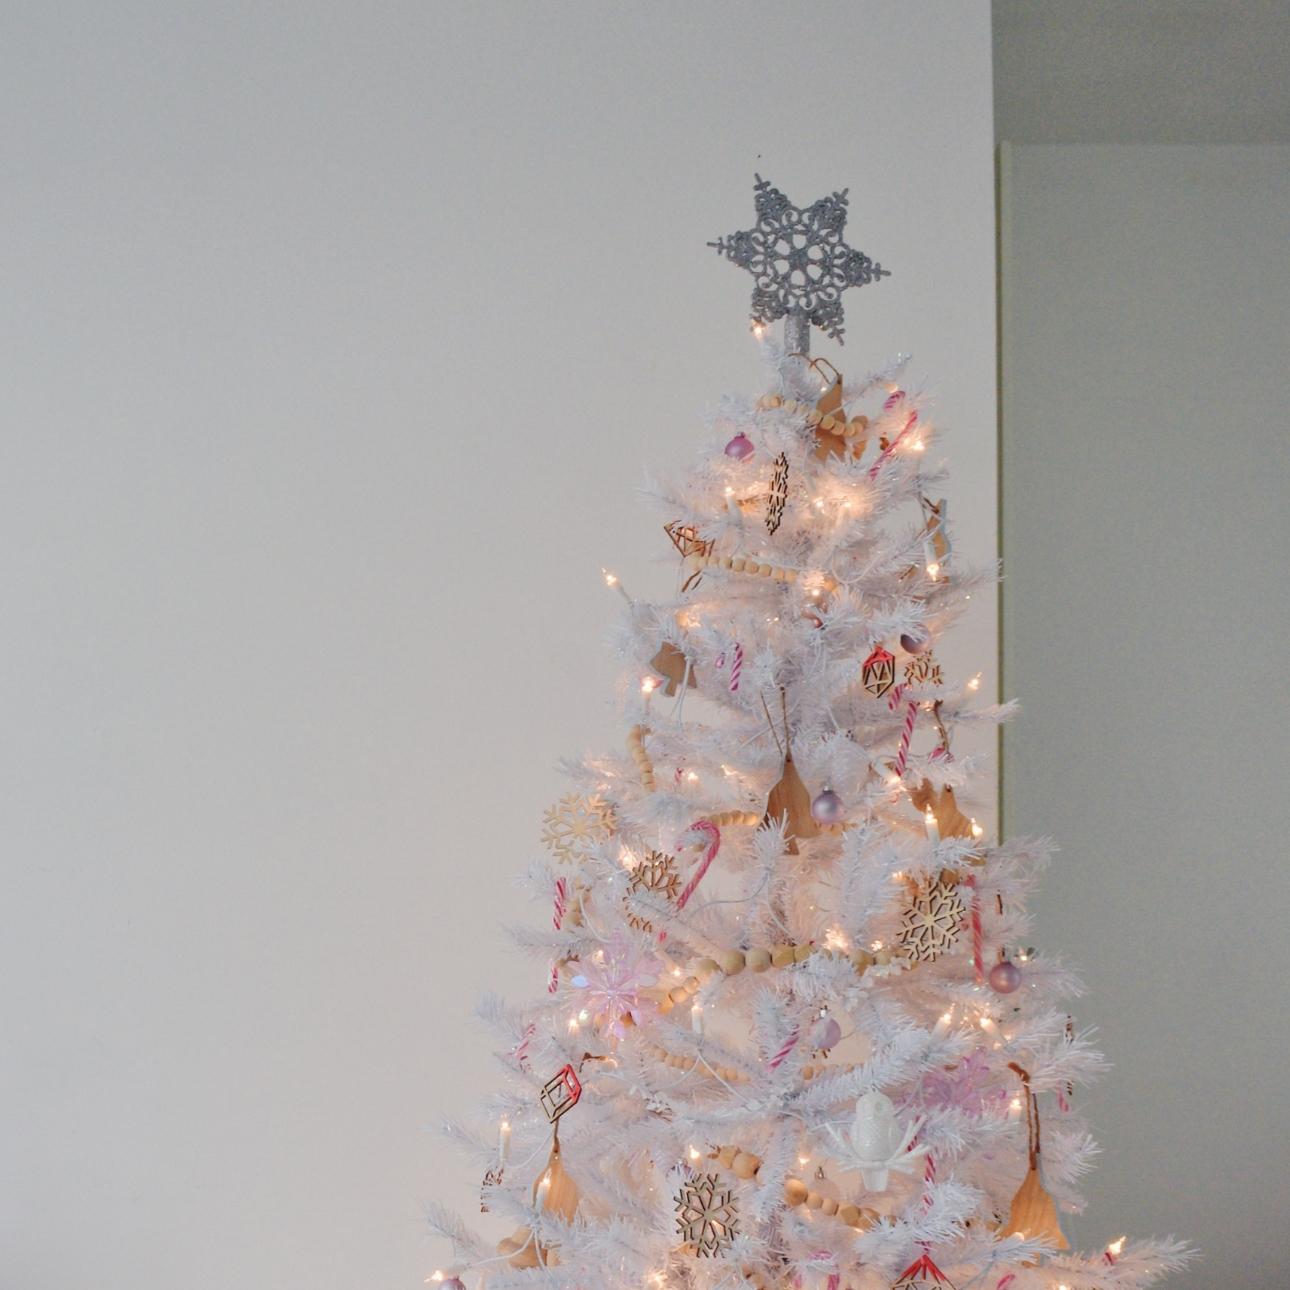 Onze Witte Kerstboom 2018 Warm Wit Met Veel Hout En Roze